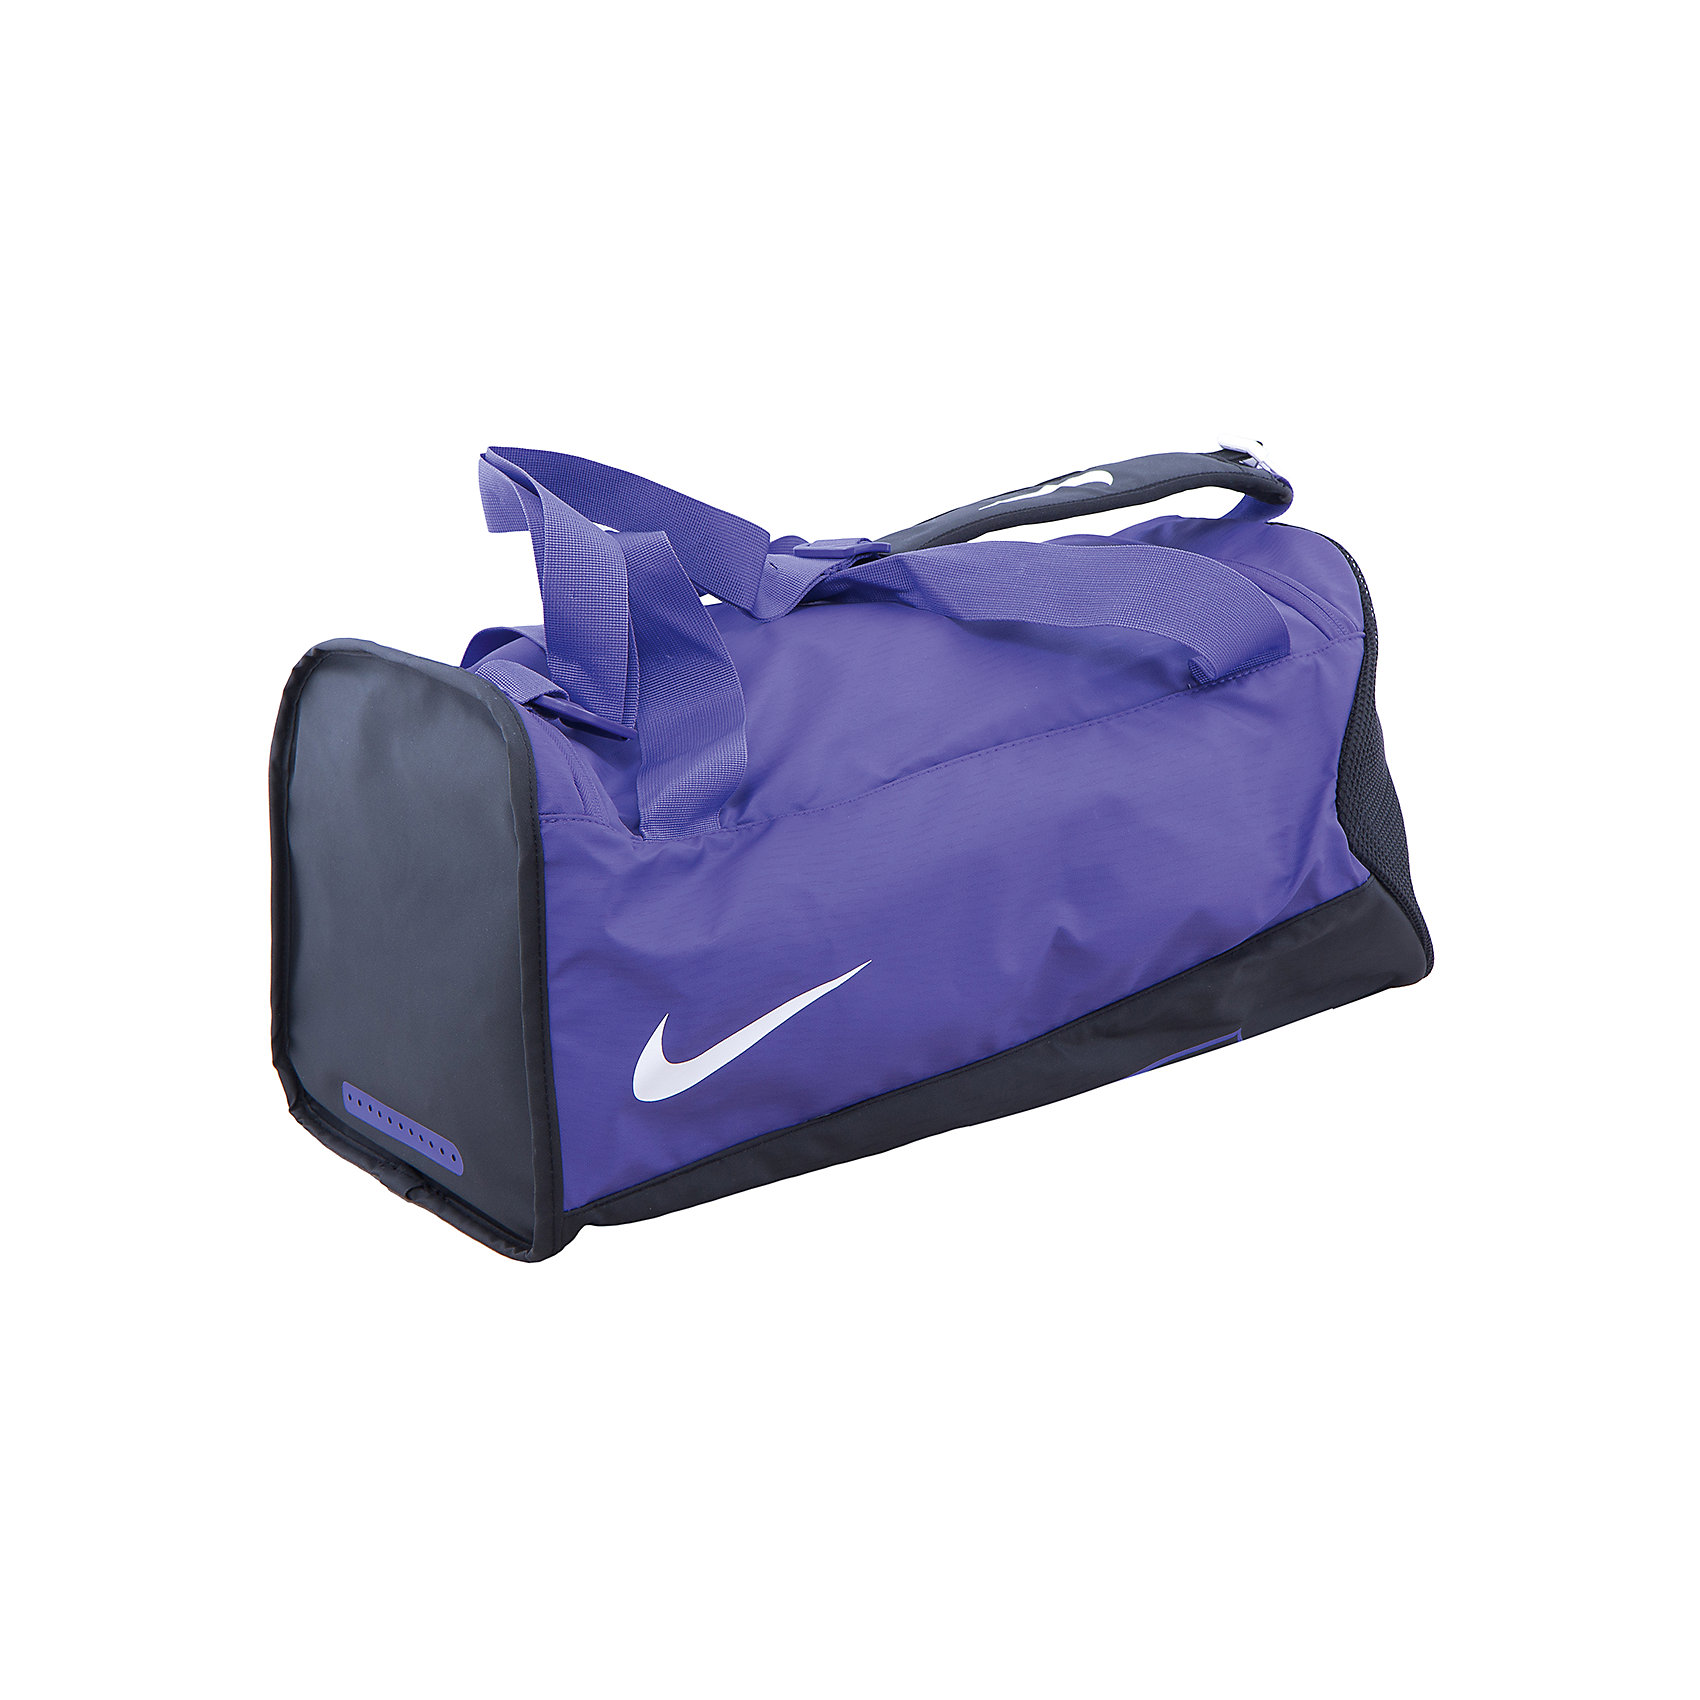 Сумка NIKEСпортивные сумки<br>Характеристики товара:<br><br>• цвет: фиолетовый<br>• спортивный стиль<br>• состав: 100% полиэстер<br>• декорирована принтом<br>• большое основное отделение<br>• регулируемые лямки<br>• застежка: молния<br>• износостойкий материал<br>• коллекция: весна-лето 2017<br>• страна бренда: США<br>• страна изготовитель: Индонезия<br><br>Продукция бренда NIKE известна высоким качеством, уникальным узнаваемым дизайном и проработанными деталями, которые создают удобство при занятиях спортом и долгой ходьбе. <br><br>Уход за такой сумкой прост, она легко чистится и быстро сушится. Дополнена регулируемыми лямками, которые помогут обеспечить комфорт при ношении сумки. <br><br>Вместительные отделения сумки позволяют взять с собой нужные вещи, а удобный дизайн делает её незаменимой для спортсменов. Модель стильно выглядит и хорошо смотрится с одеждой разных цветов и стилей.<br><br>Сумку NIKE (Найк) можно купить в нашем интернет-магазине.<br><br>Ширина мм: 227<br>Глубина мм: 11<br>Высота мм: 226<br>Вес г: 350<br>Цвет: лиловый<br>Возраст от месяцев: 168<br>Возраст до месяцев: 1188<br>Пол: Унисекс<br>Возраст: Детский<br>Размер: one size<br>SKU: 6676687